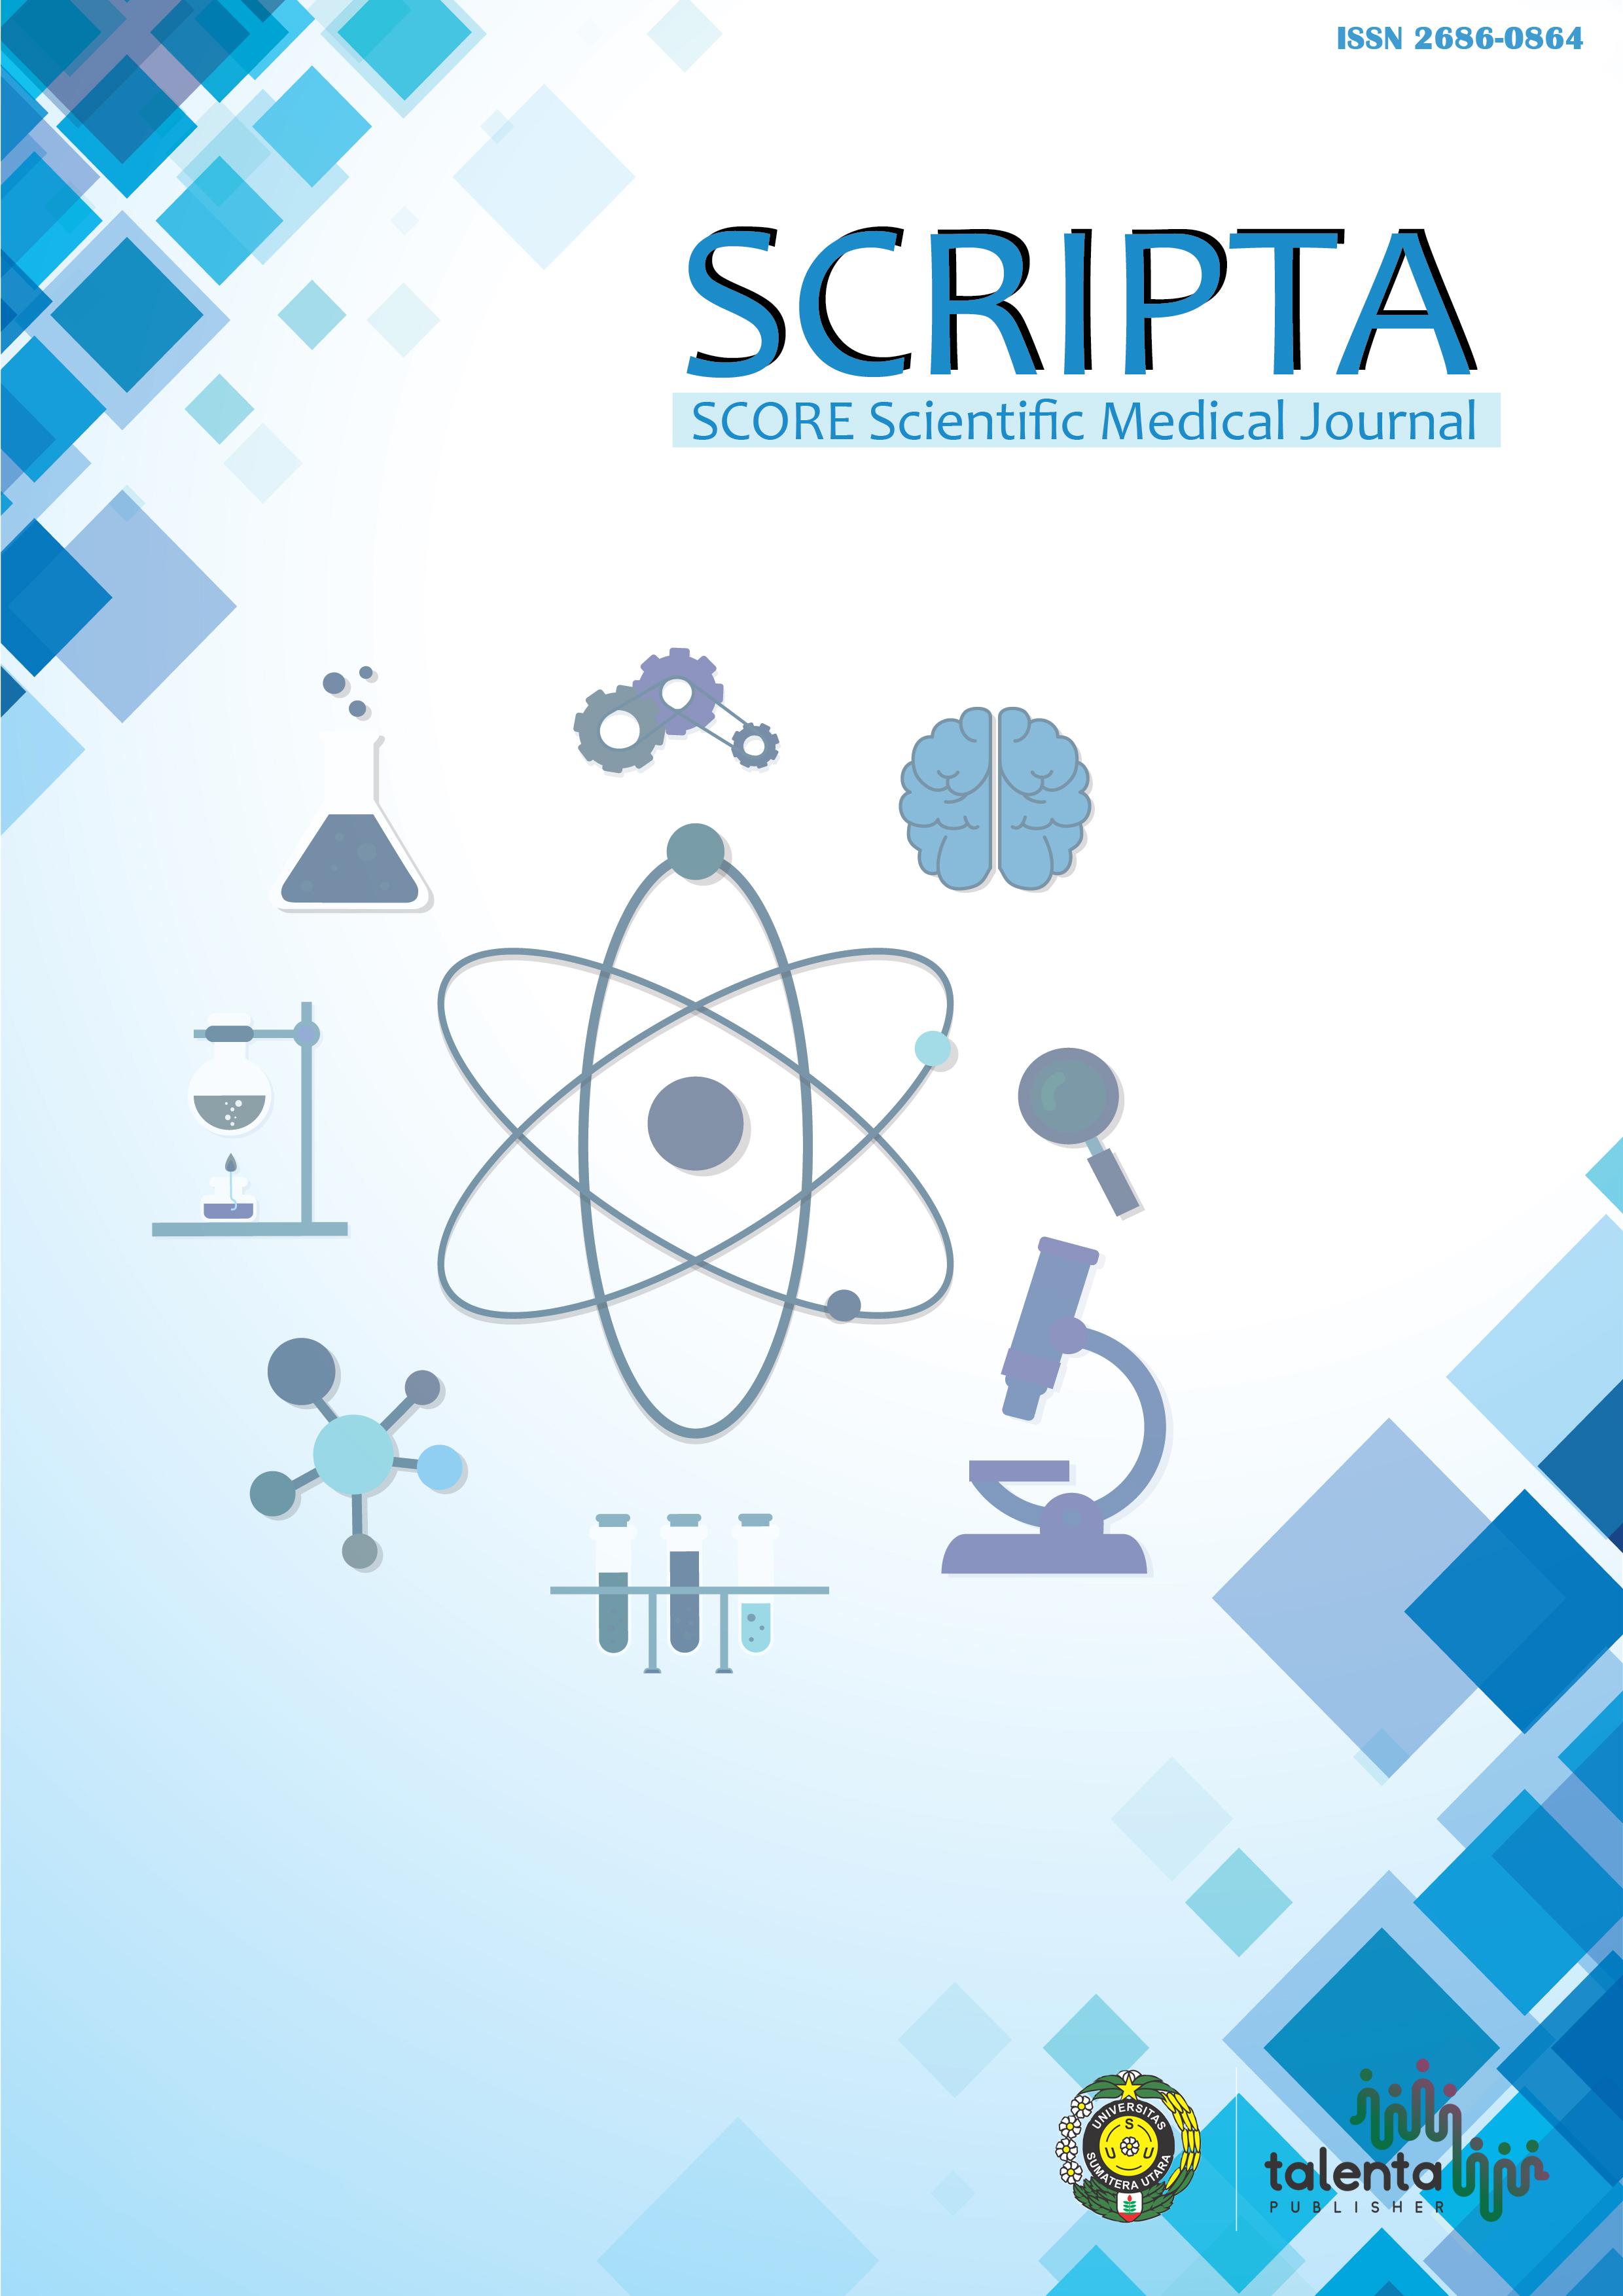 Halaman Muka dari SCRIPTA SCORE Scientific Medical Journal